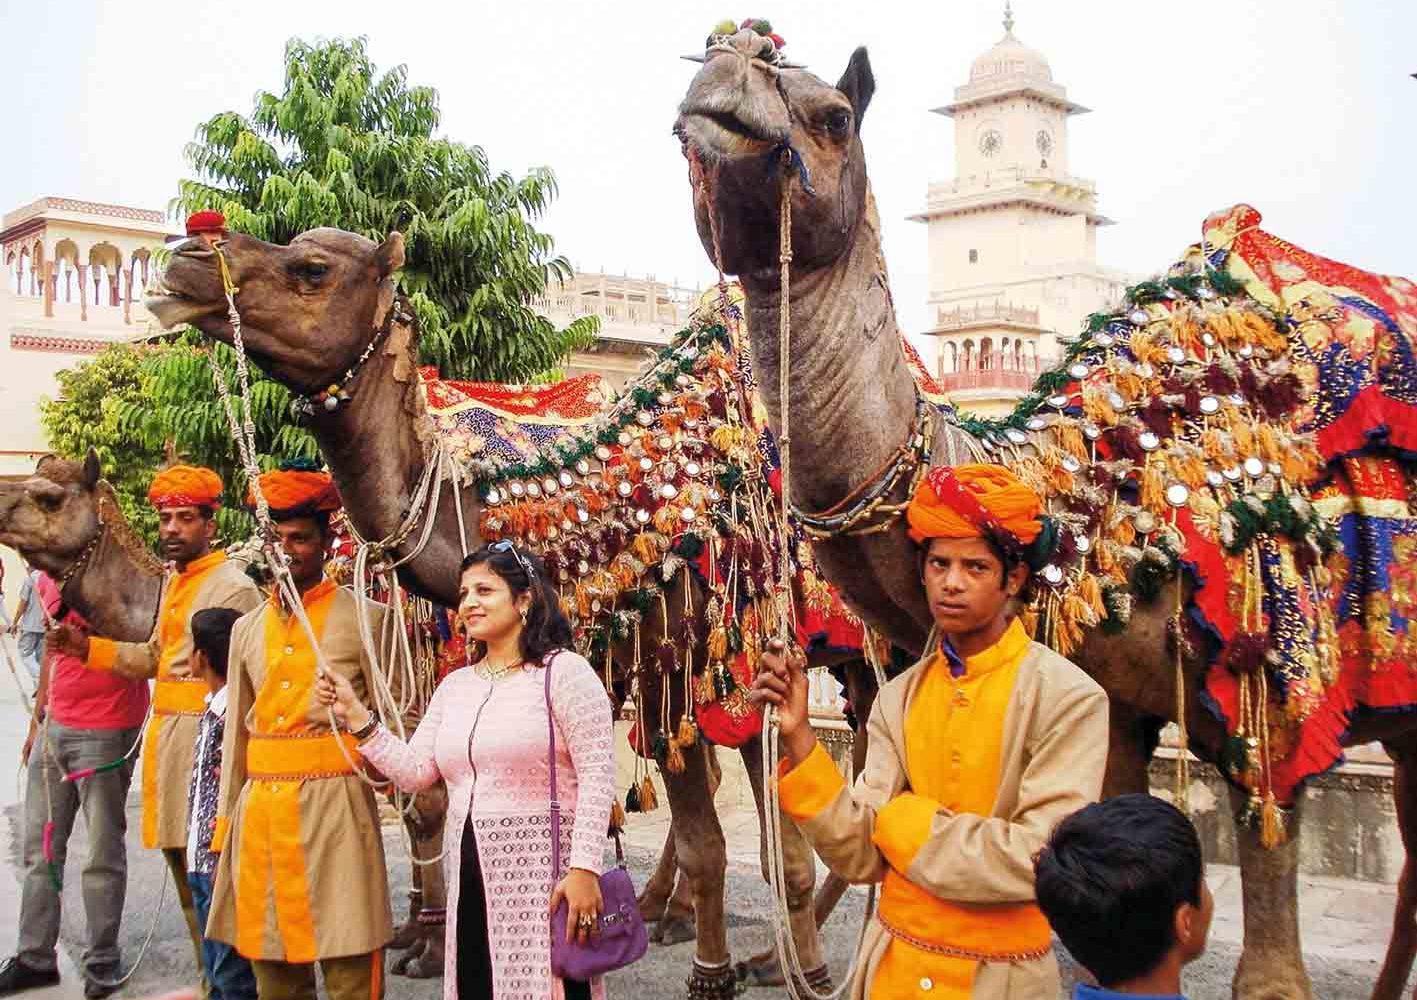 Rajasthan, Indien - ein Fest der Farben